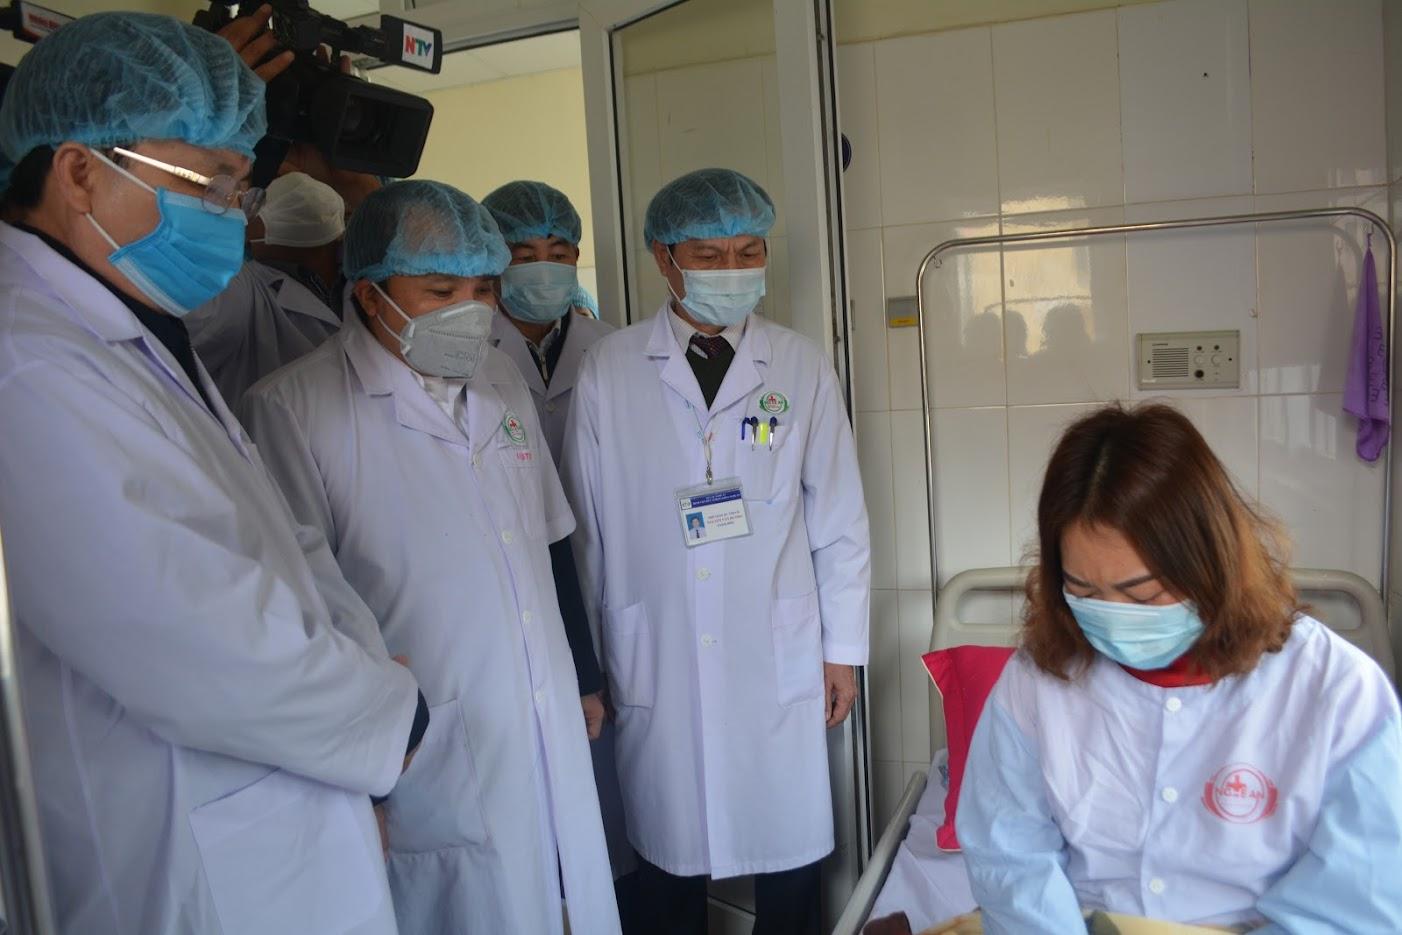 Đồng chí Bùi Đình Long – Phó Chủ tịch UBND tỉnh cùng lãnh đạo sở y tế Nghệ An thăm và động viên bệnh nhân nghi nhiễm virus corona